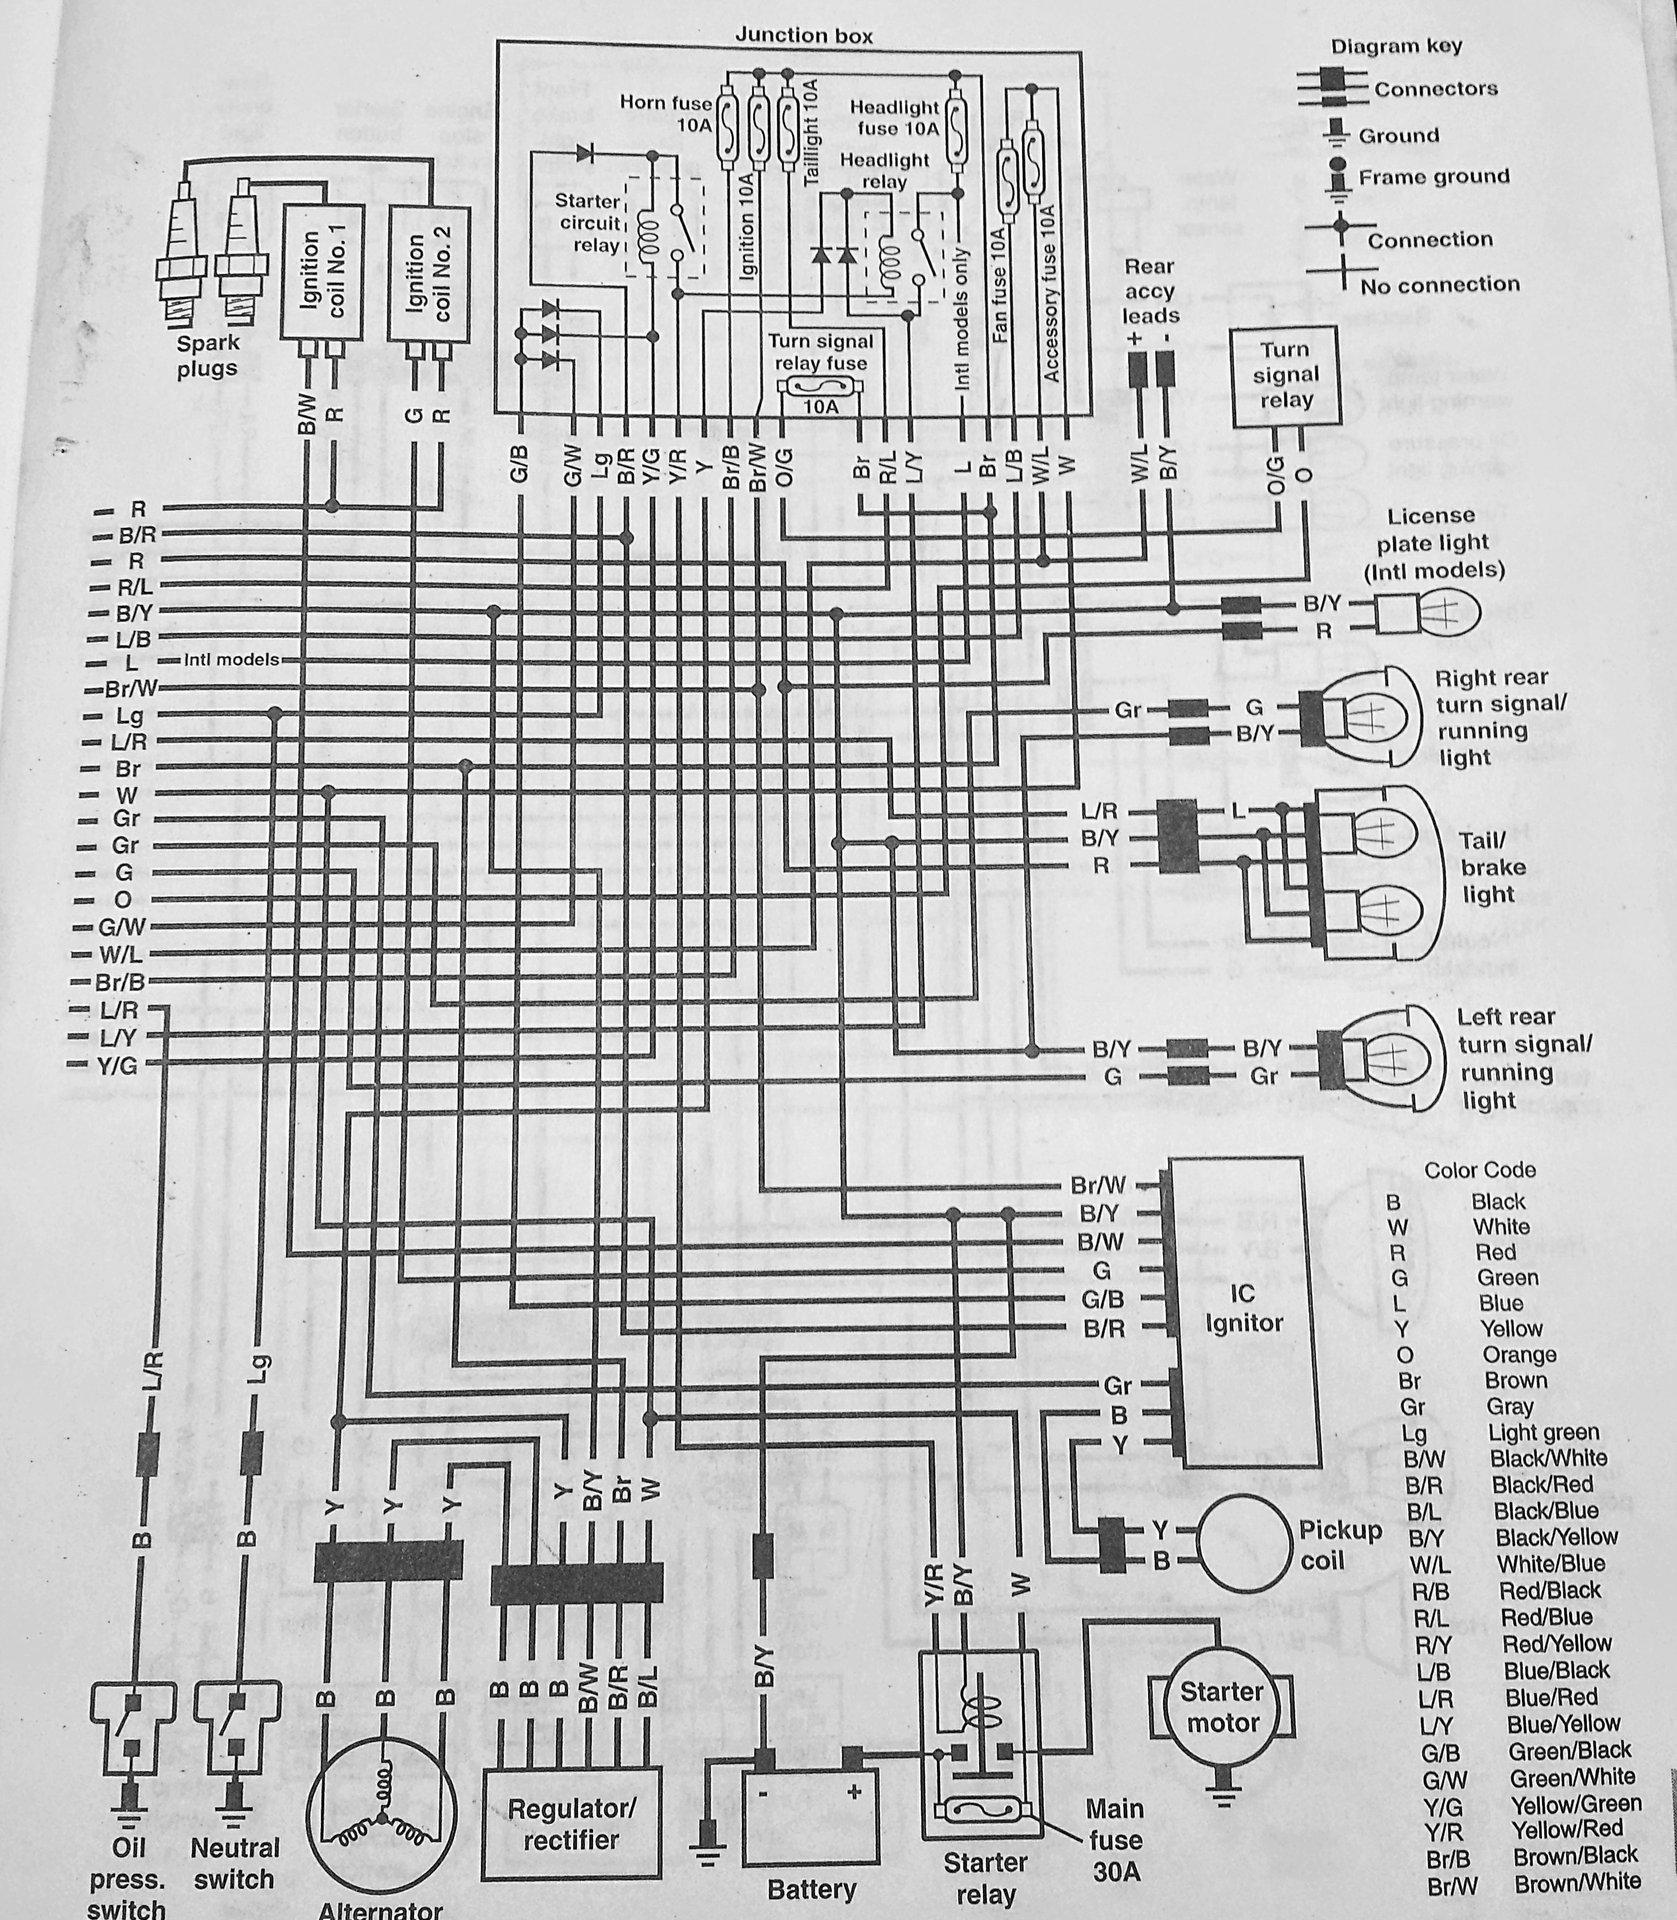 98 Kawasaki Voyager Wiring Diagram